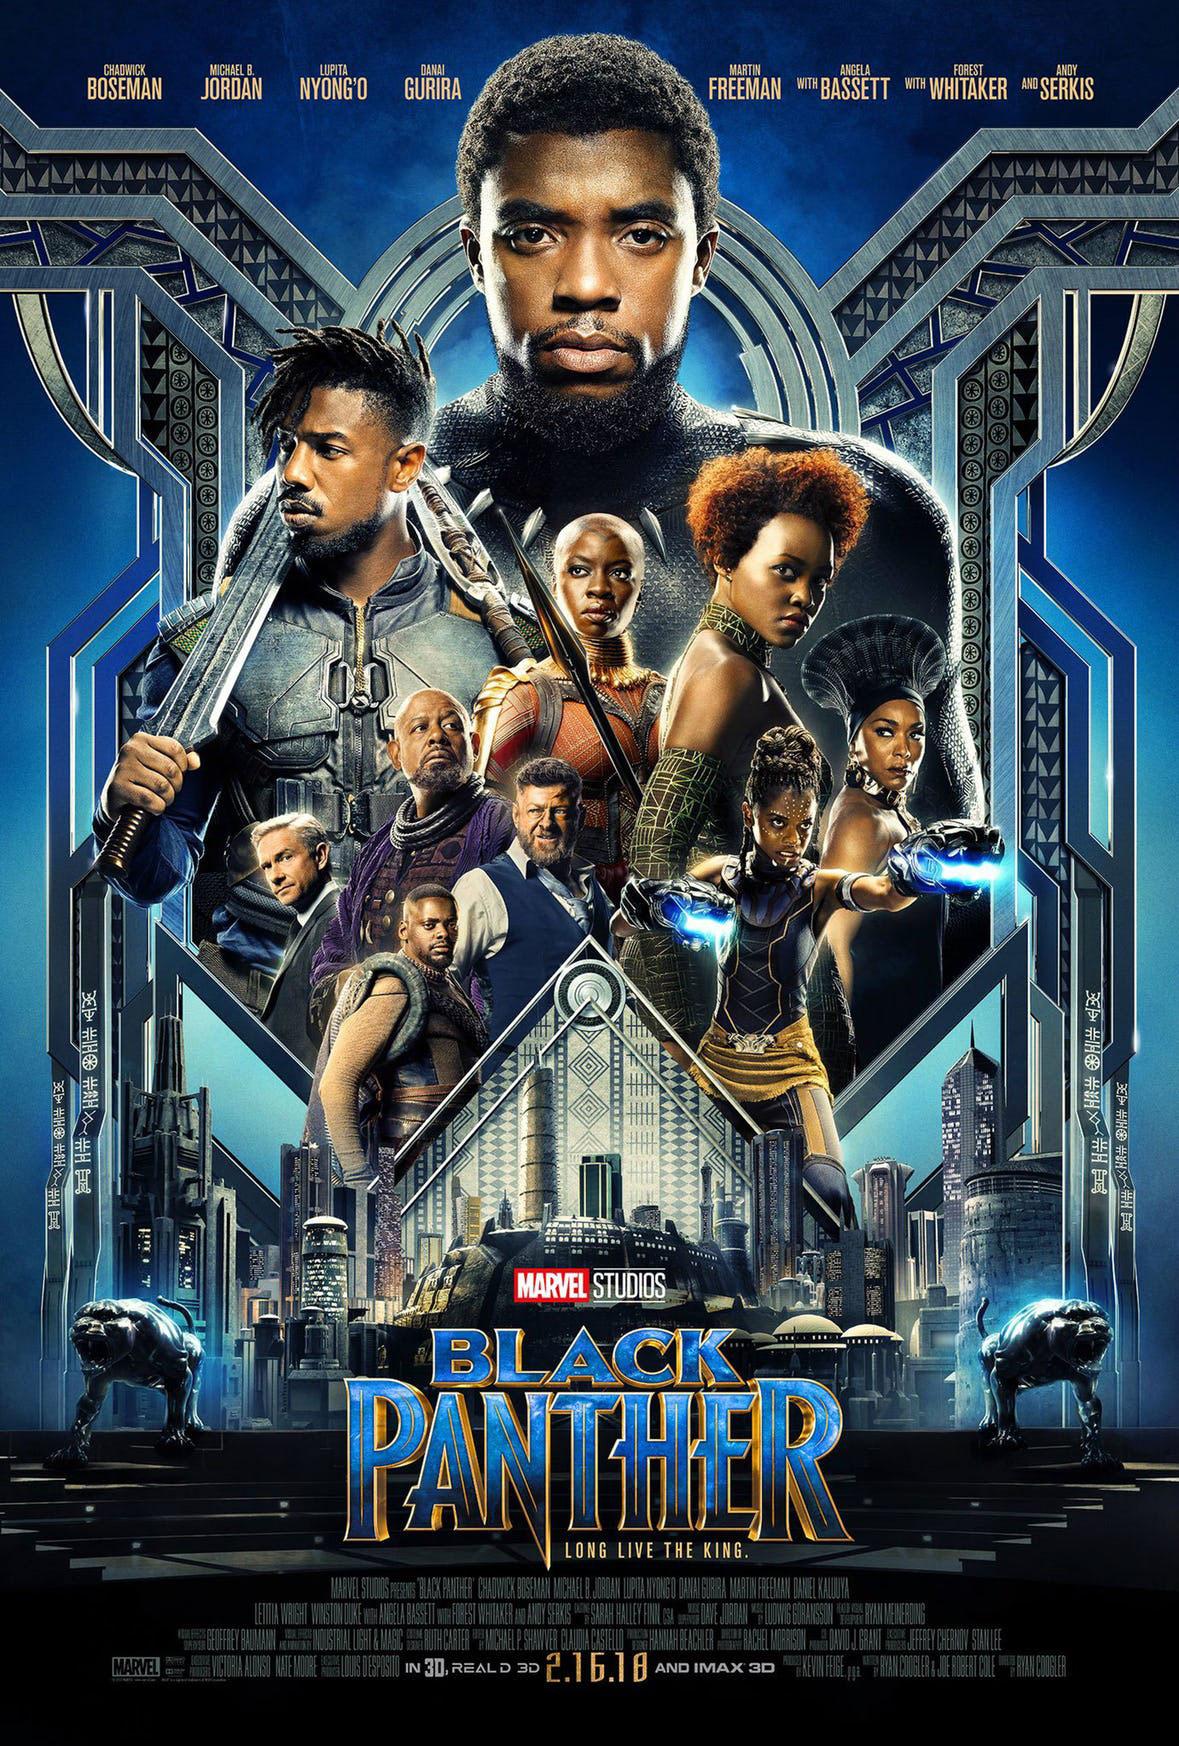 czarna pantera recenzja filmu plakat